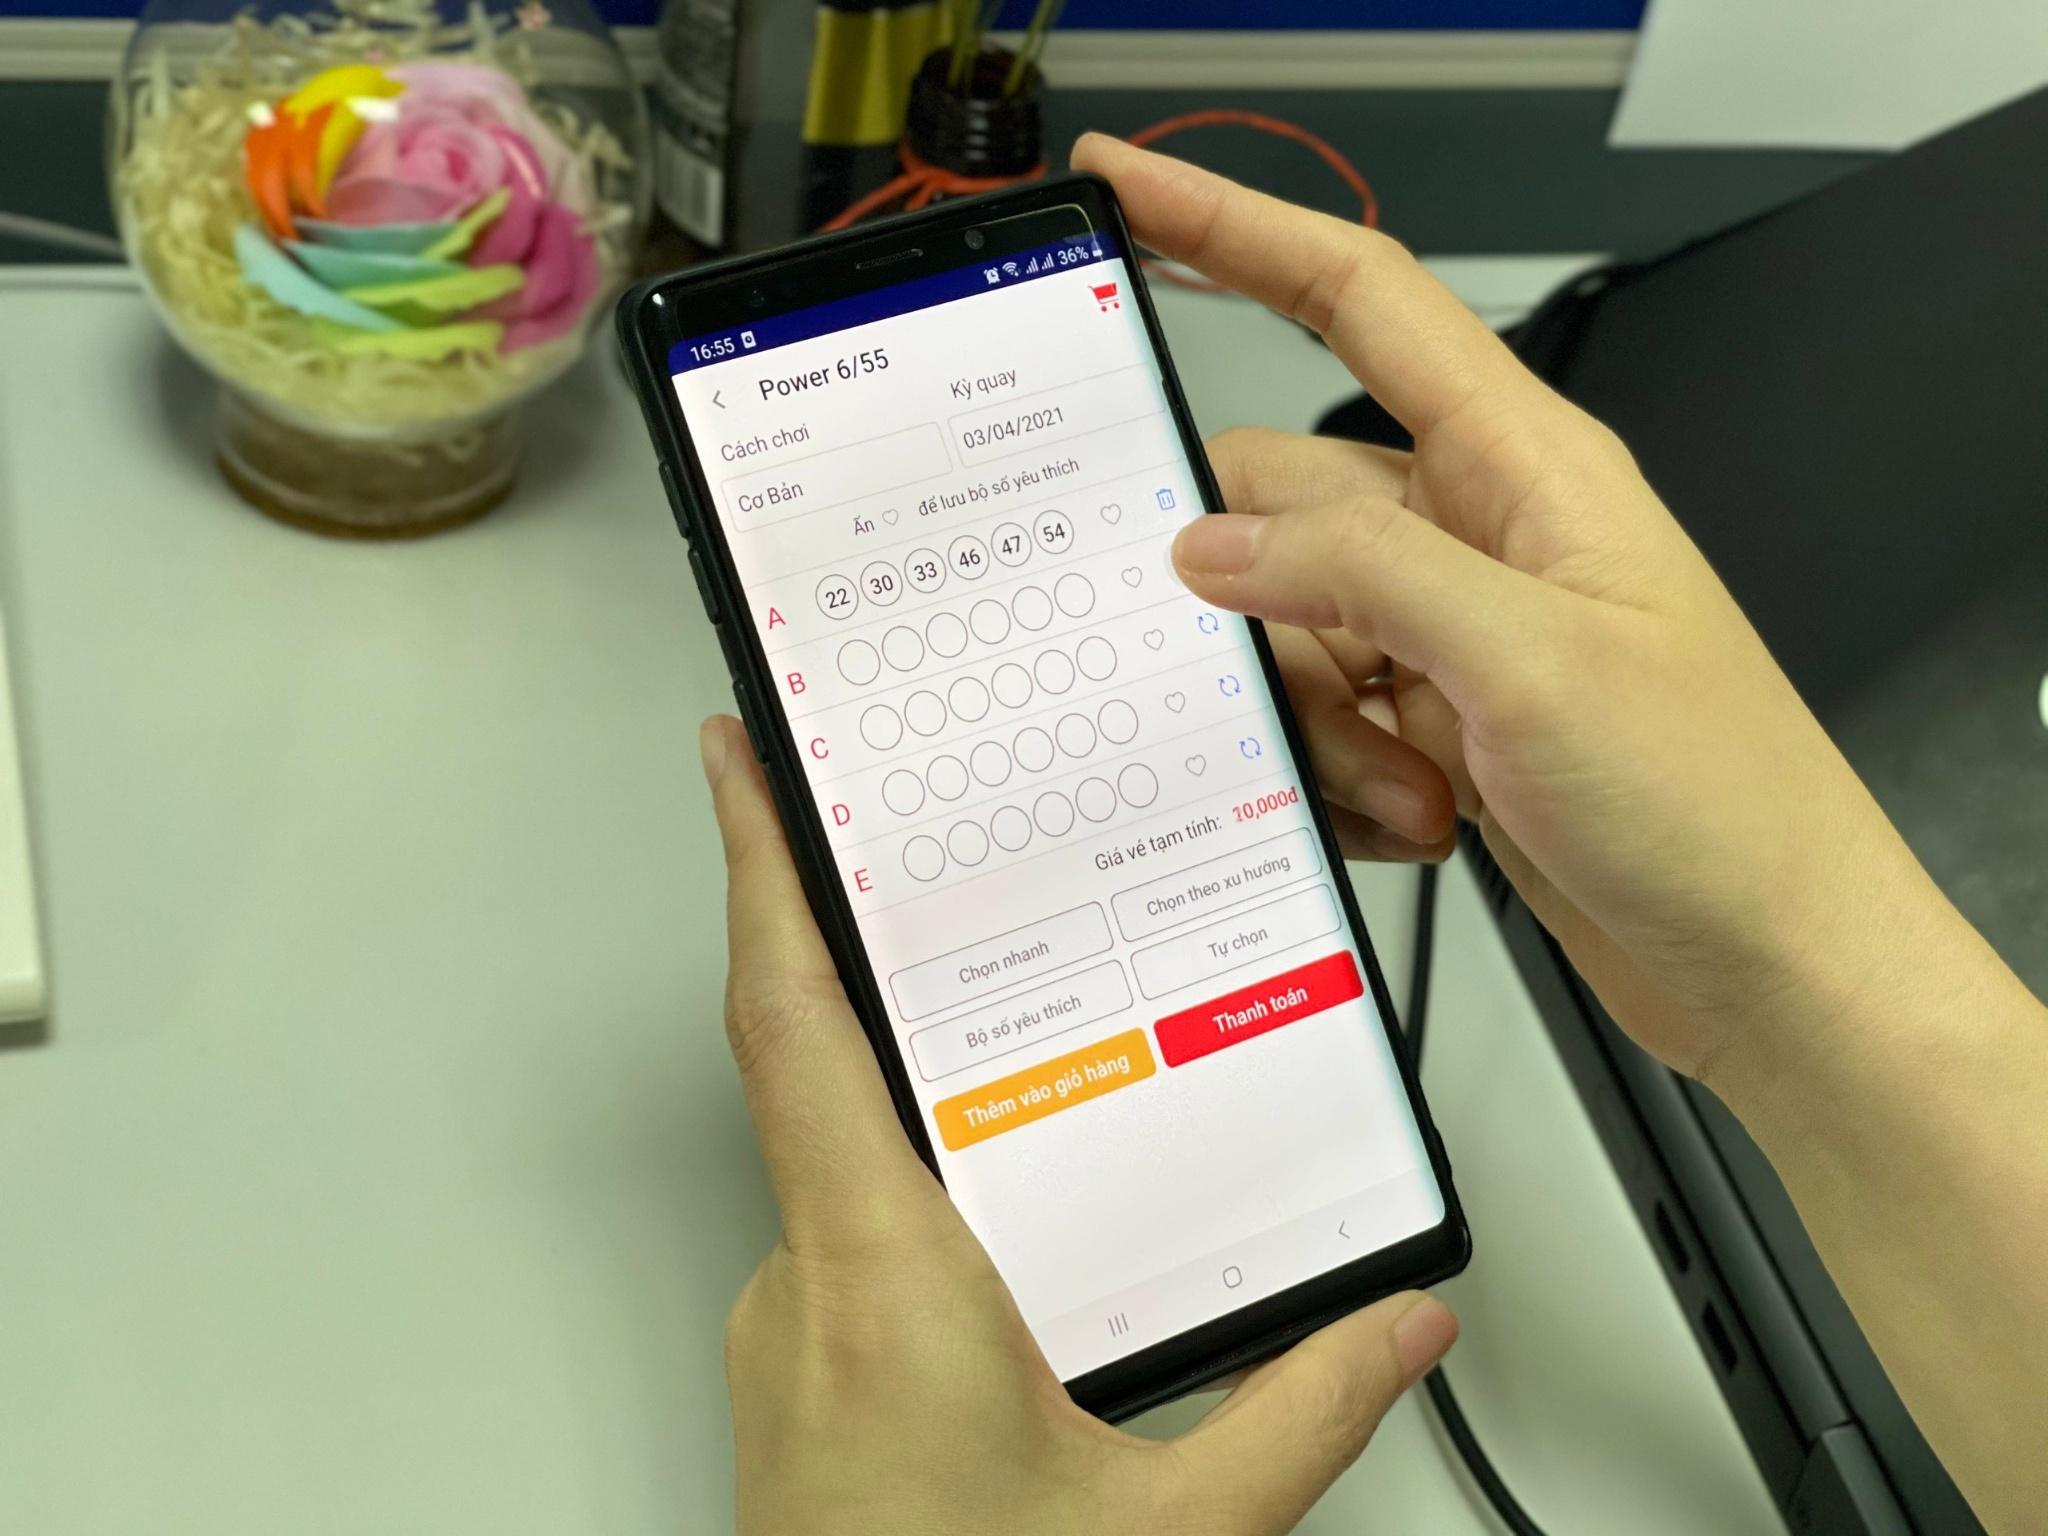 Gần 50 tỷ đồng trao cho người trúng qua Vietlott SMS